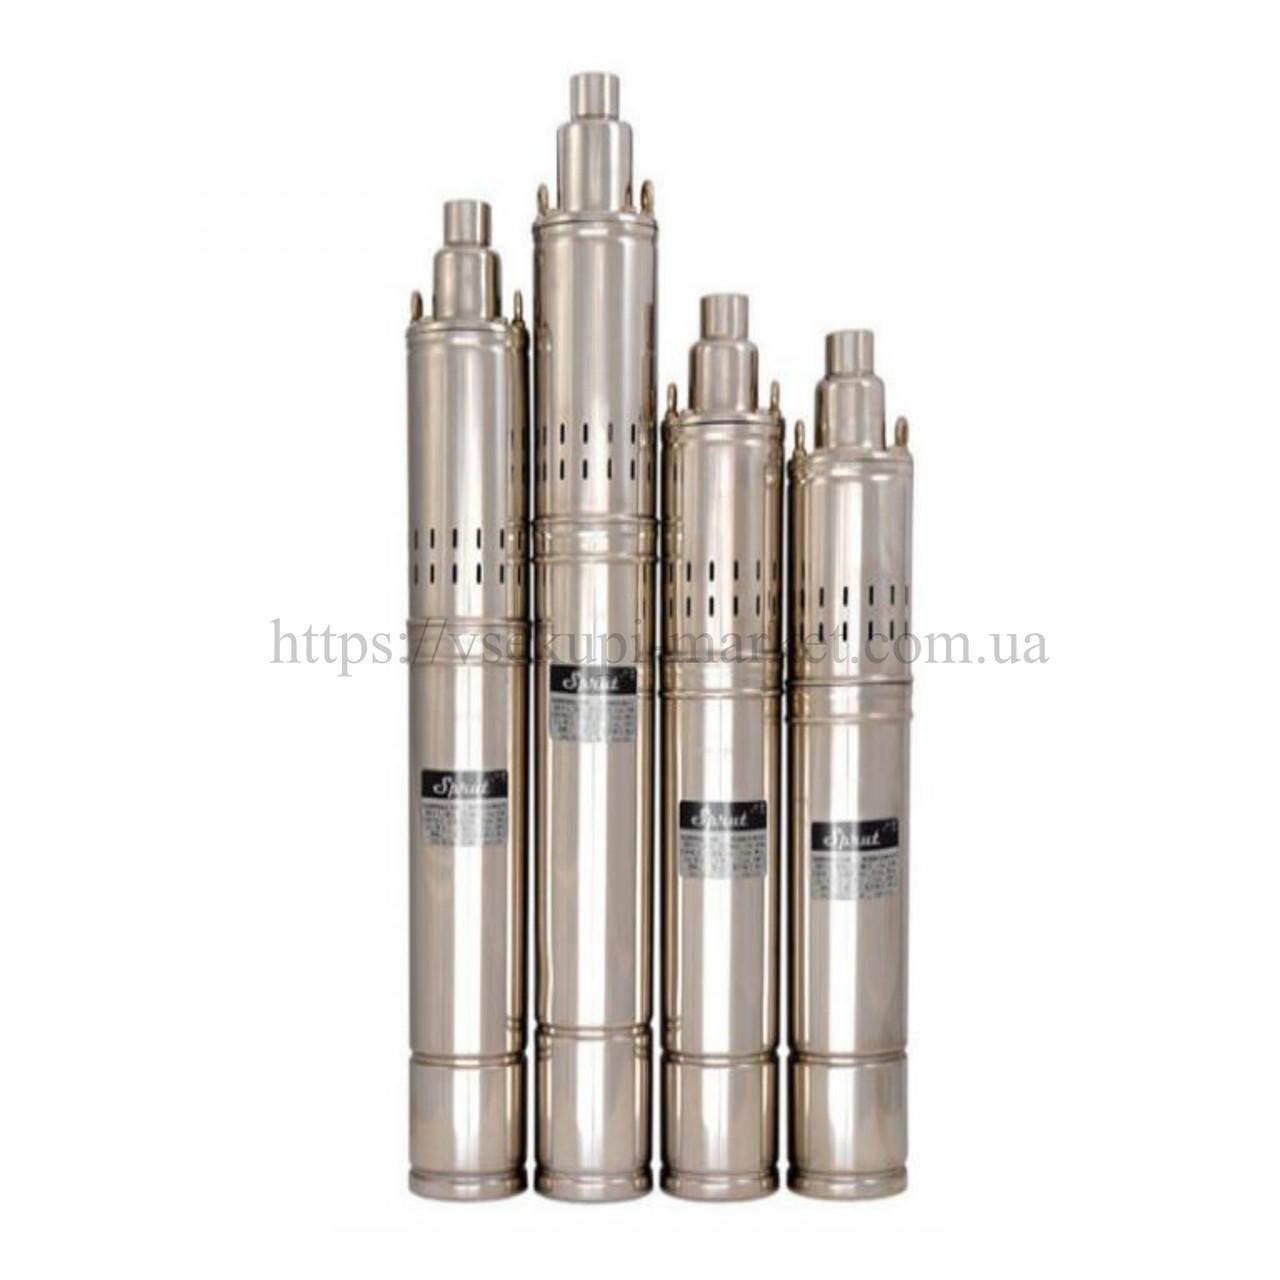 Скважинный насос SPRUT 4SQGD 1,8 -50-0.5